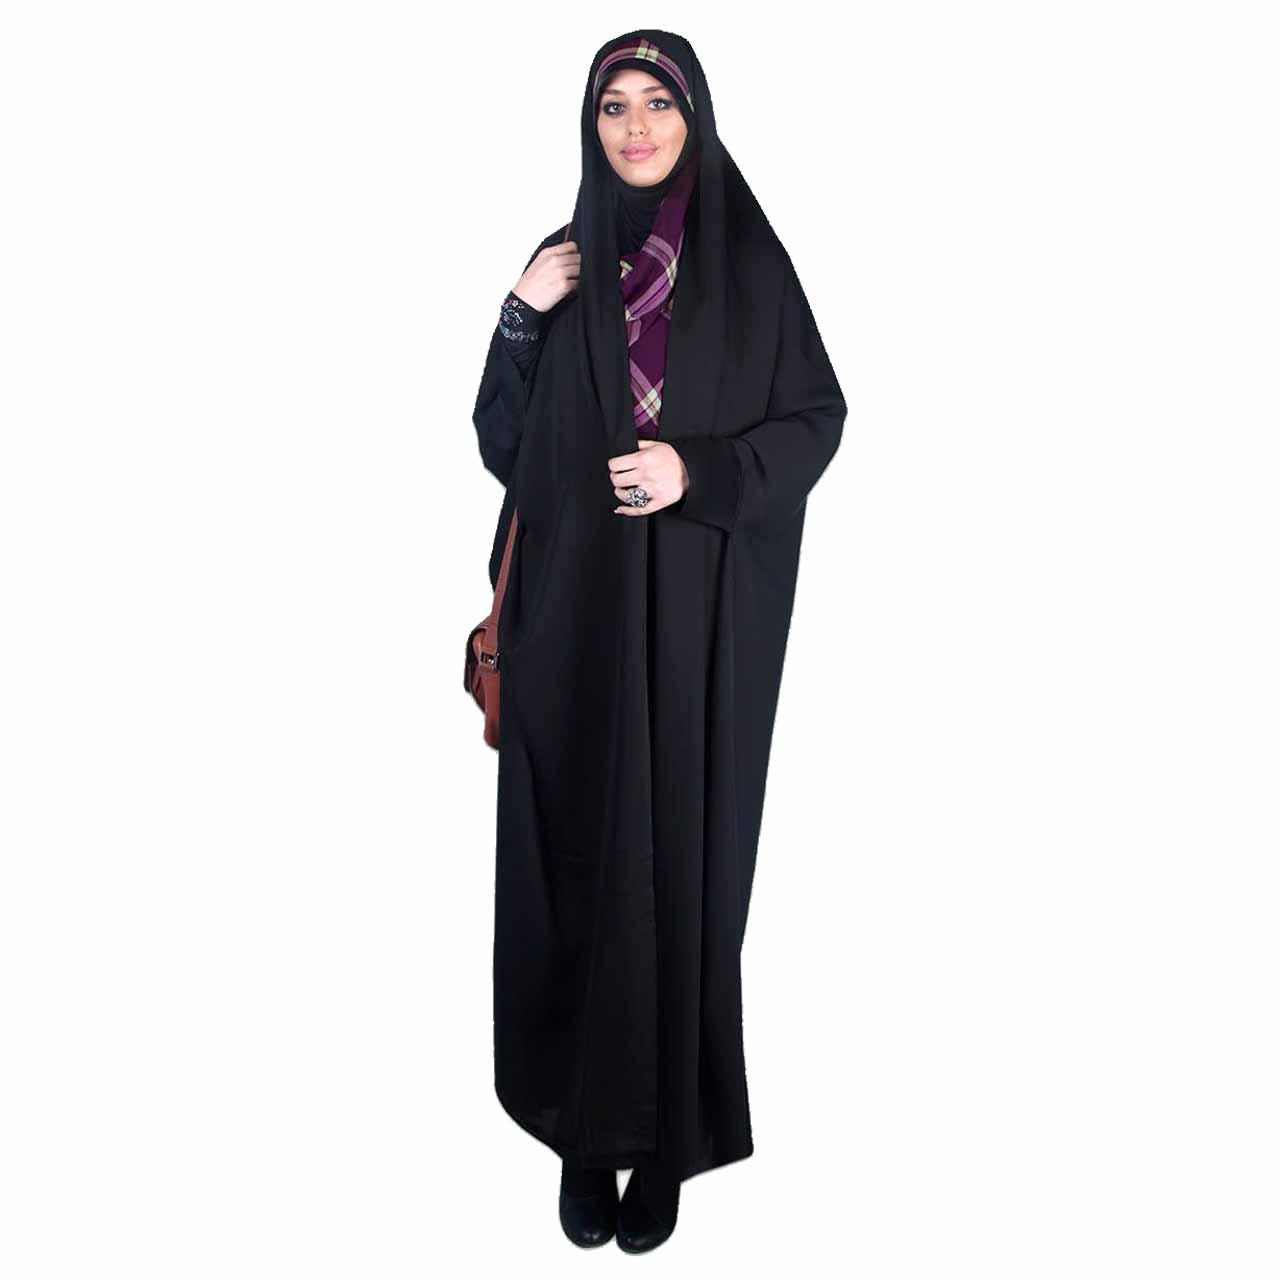 چادر دانشجویی مچ دار ابریشم (کد 7001) حجاب آراسته سایز M